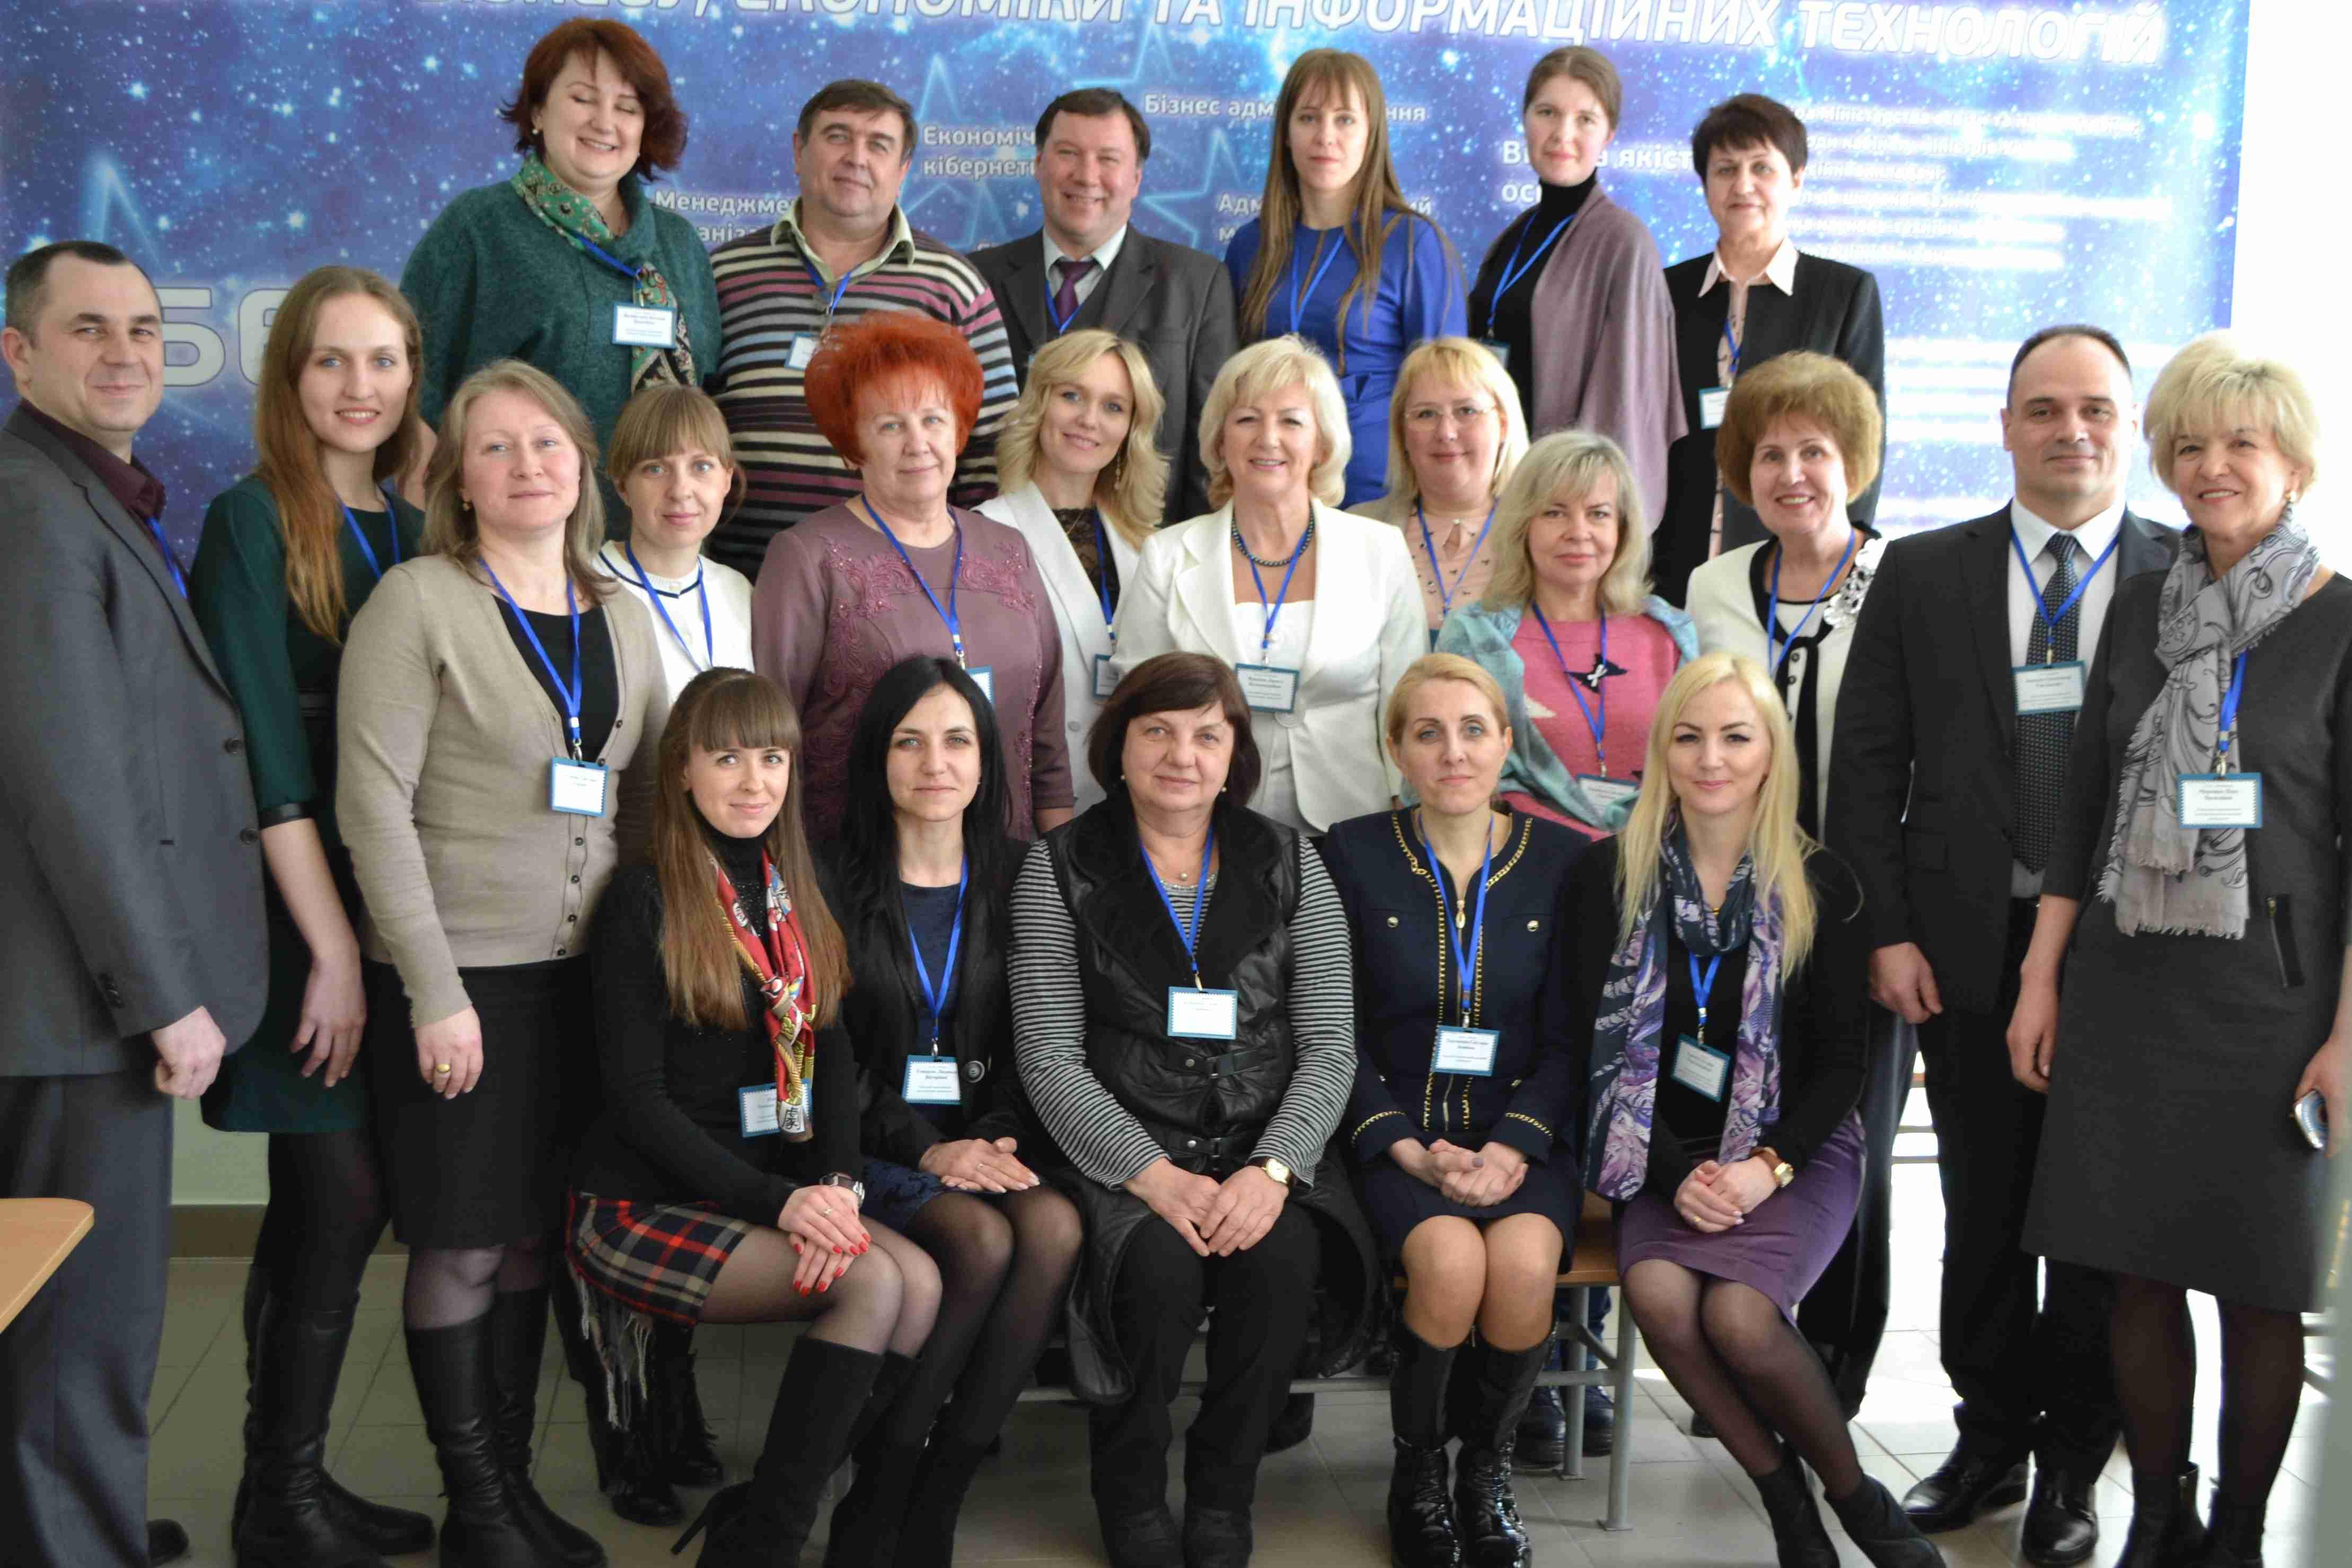 Вітаємо переможців Всеукраїнського конкурсу дипломних робіт із спеціальності «Підприємництво, торгівля та біржова діяльність» за освітньо-кваліфікаційним рівнем «магістр»